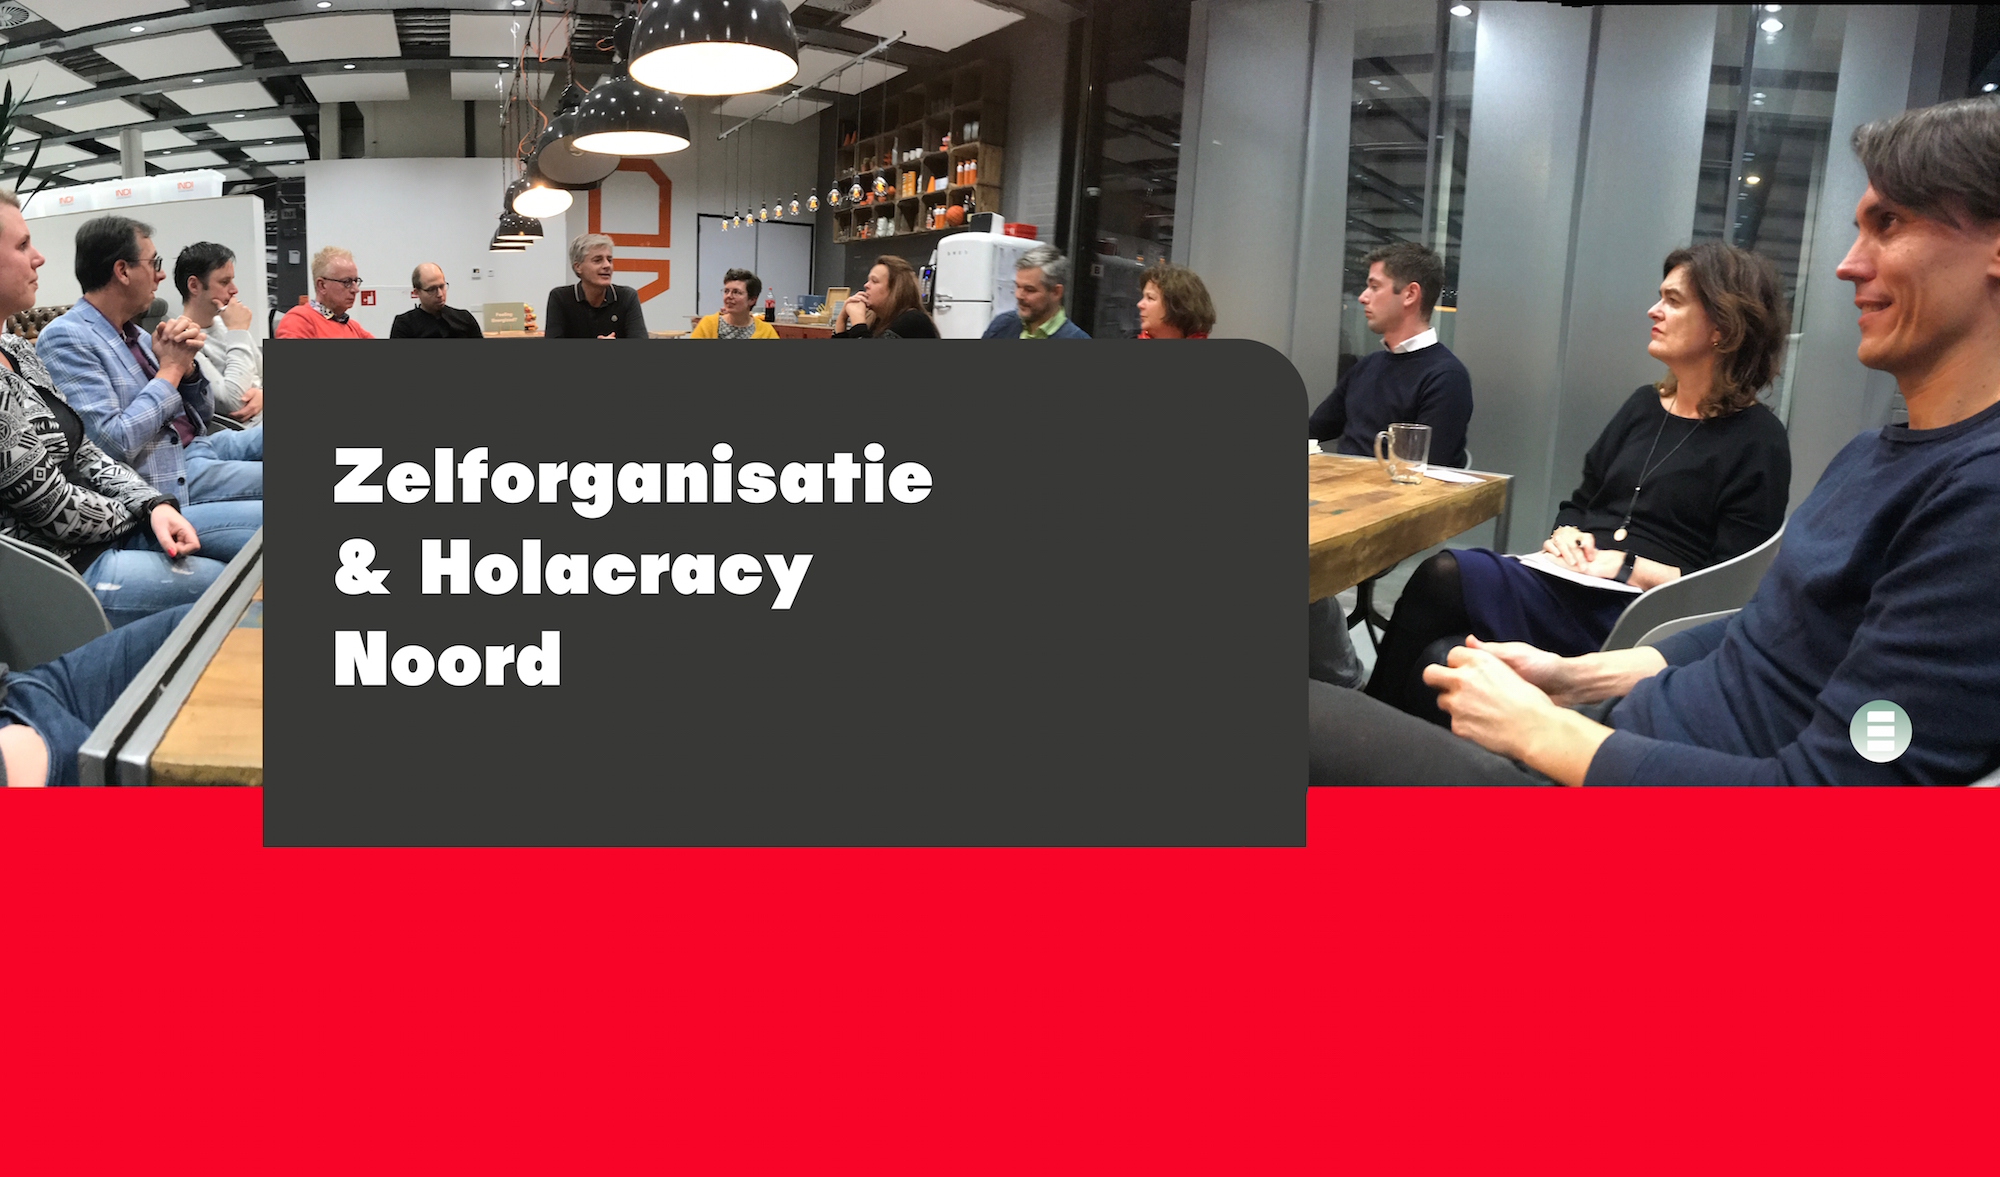 zelforganisatie holacracy noord verhalen